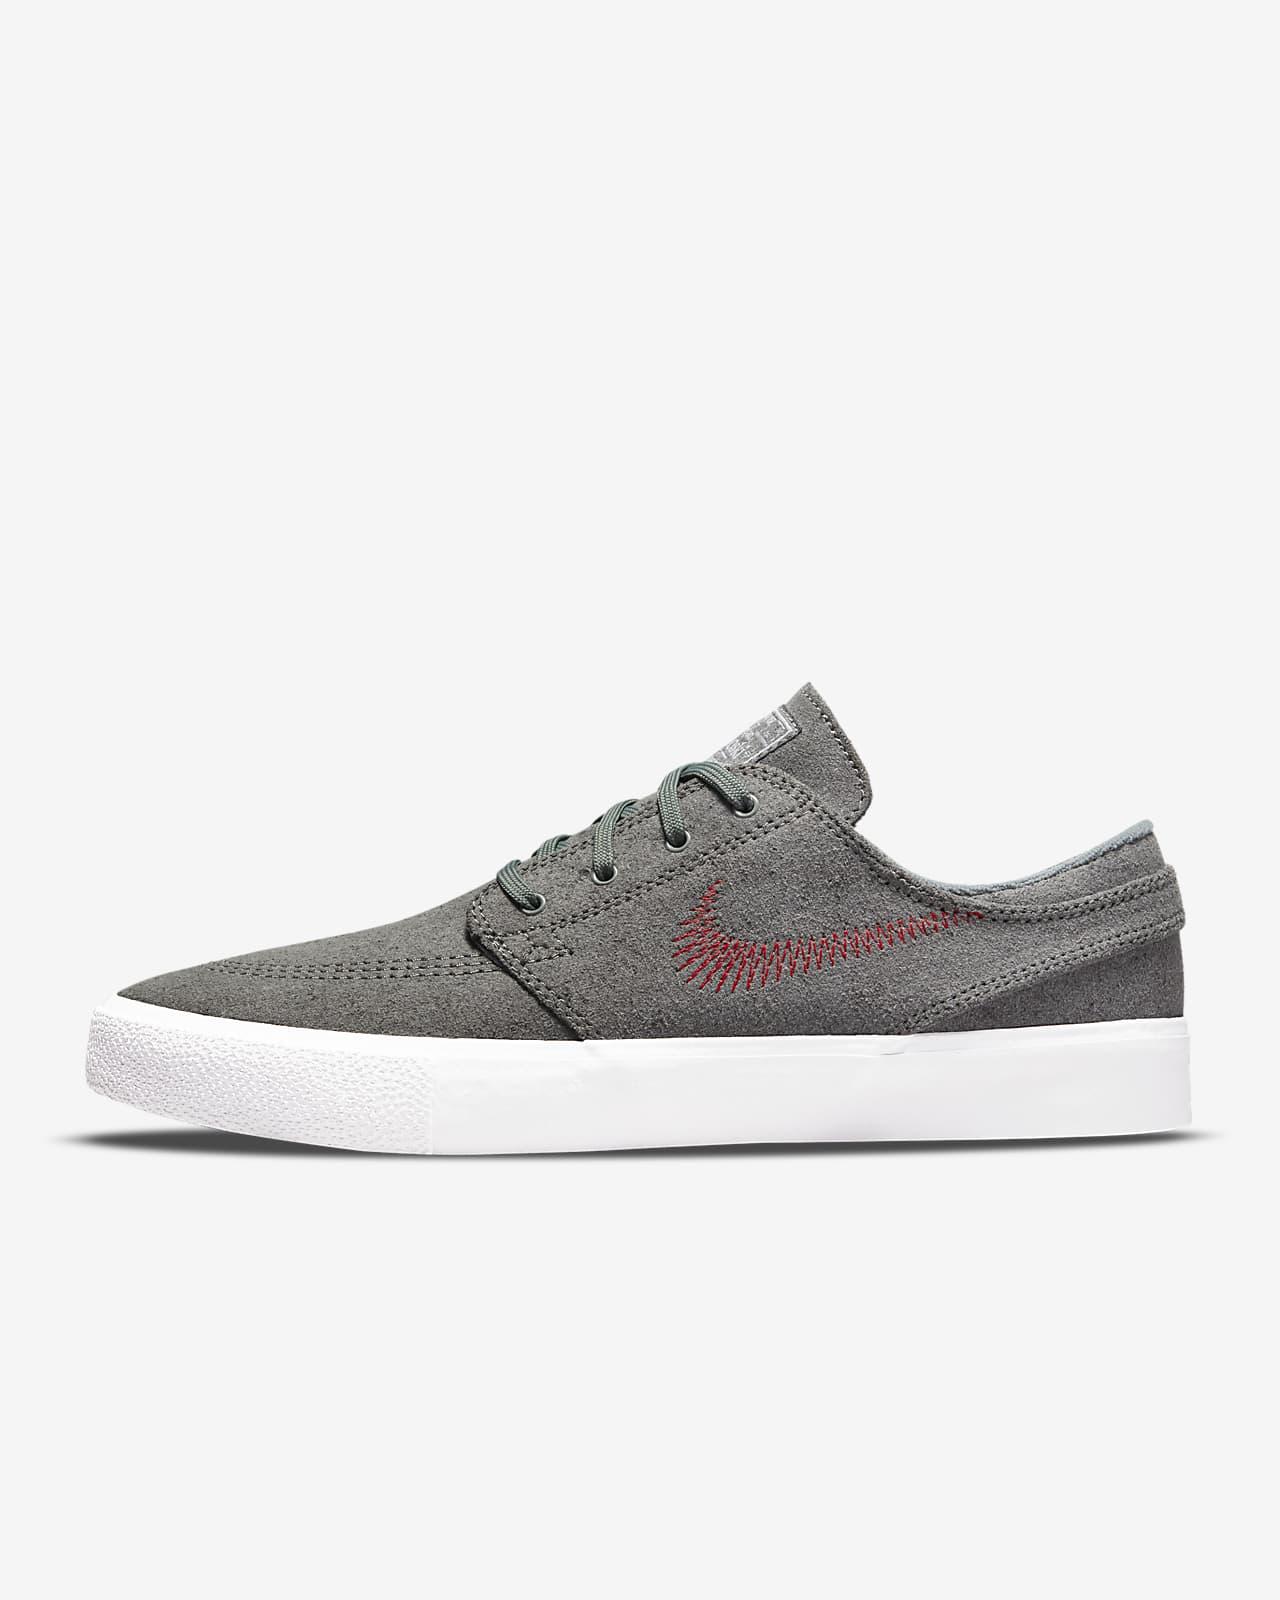 Chaussure de skateboard Nike SB Zoom Stefan Janoski FL RM